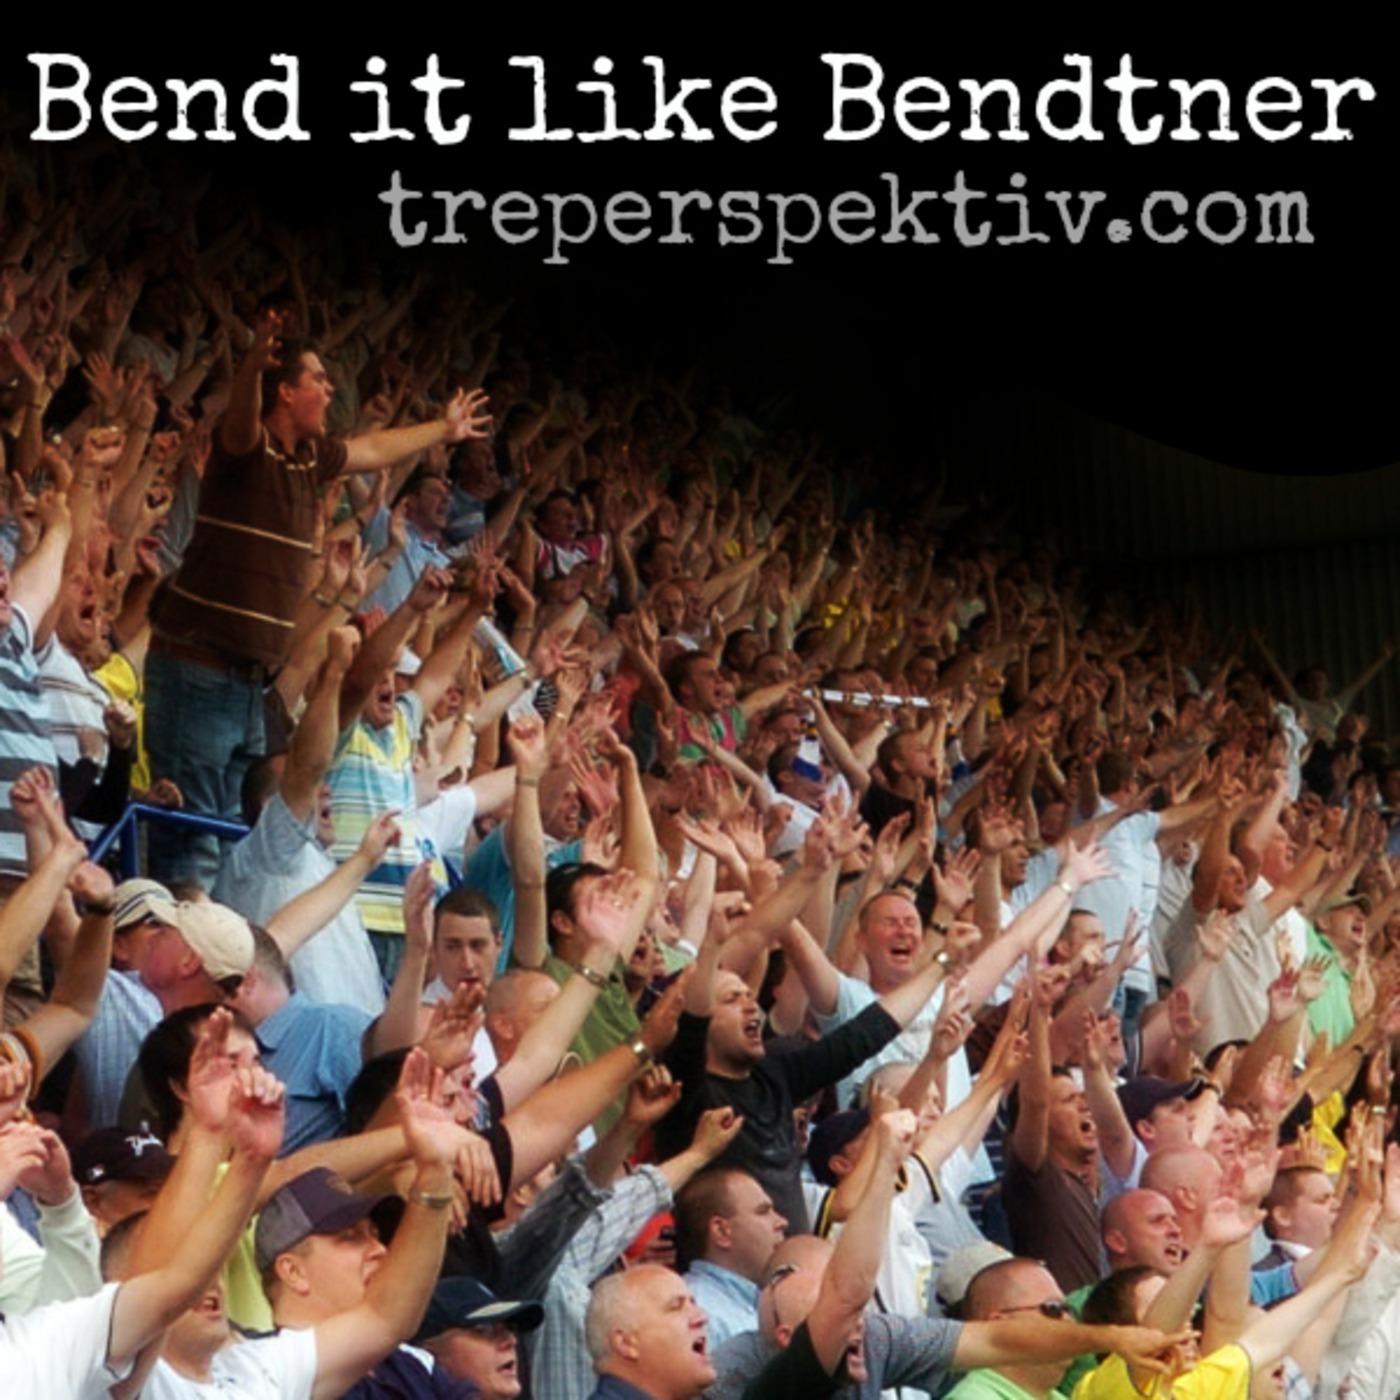 Bend it like Bendtner